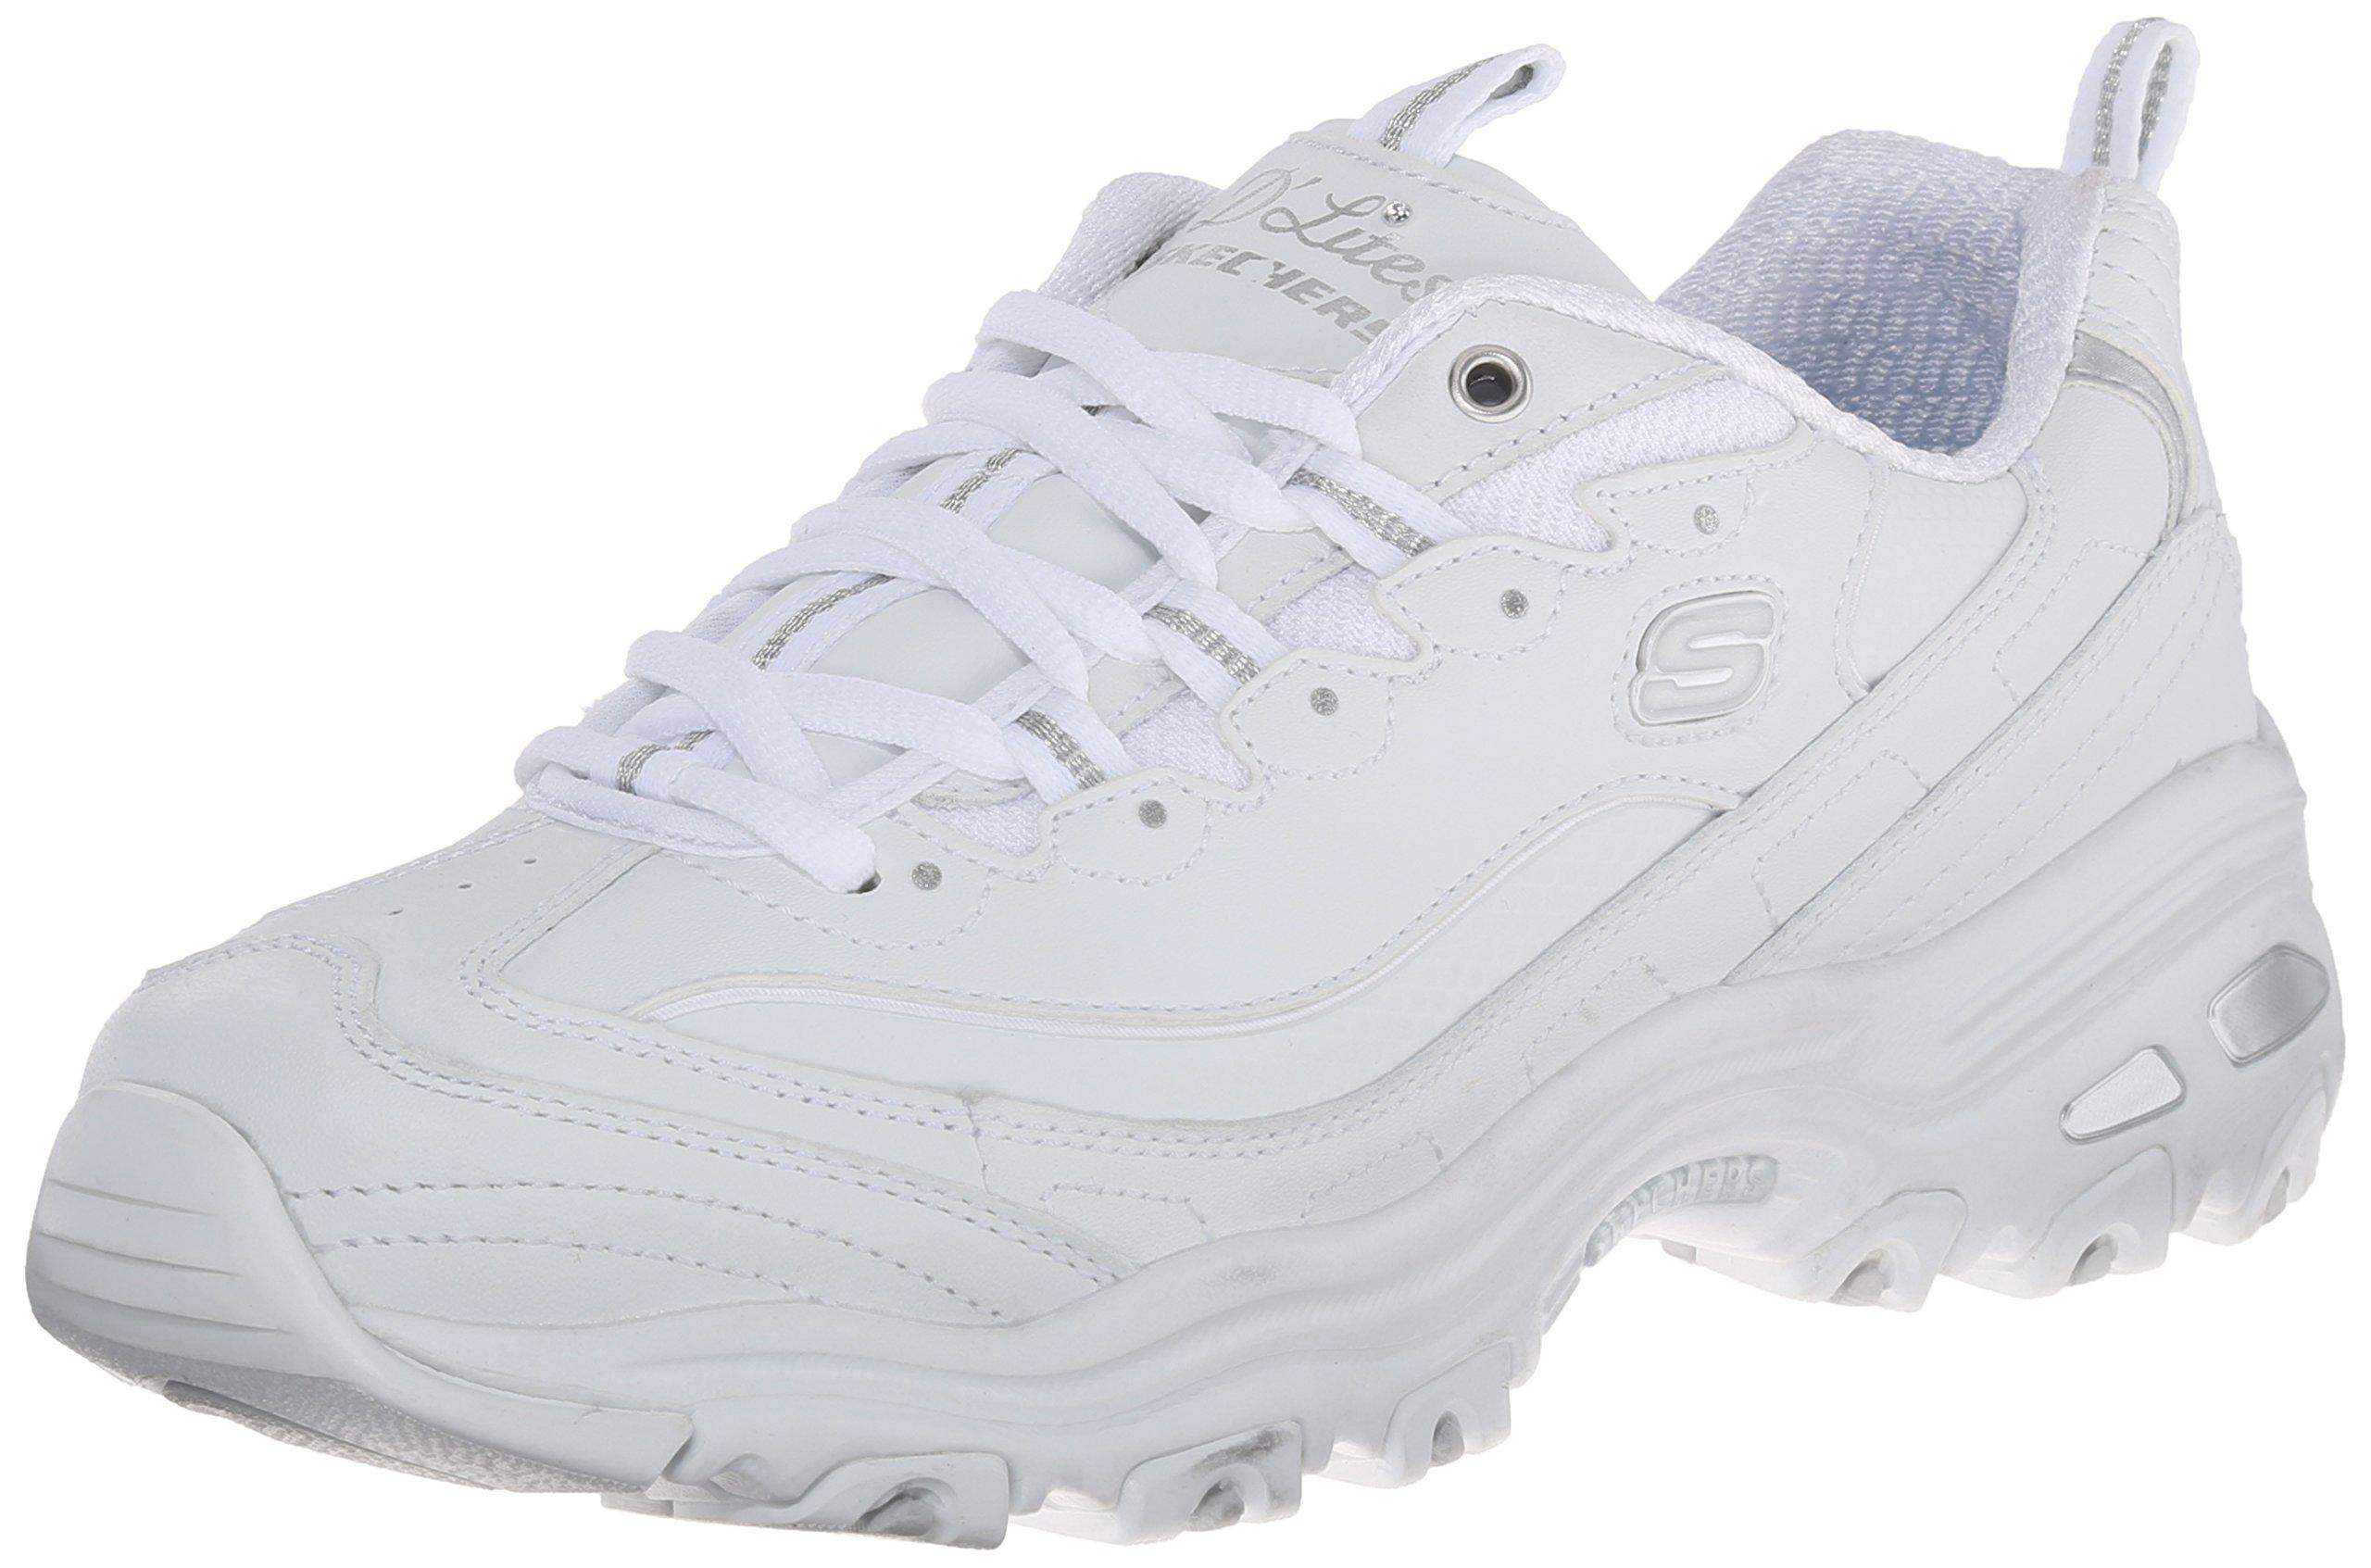 Skechers Sport Women's D'Lites Memory Foam Lace-up Sneaker,White Silver,8.5 W US